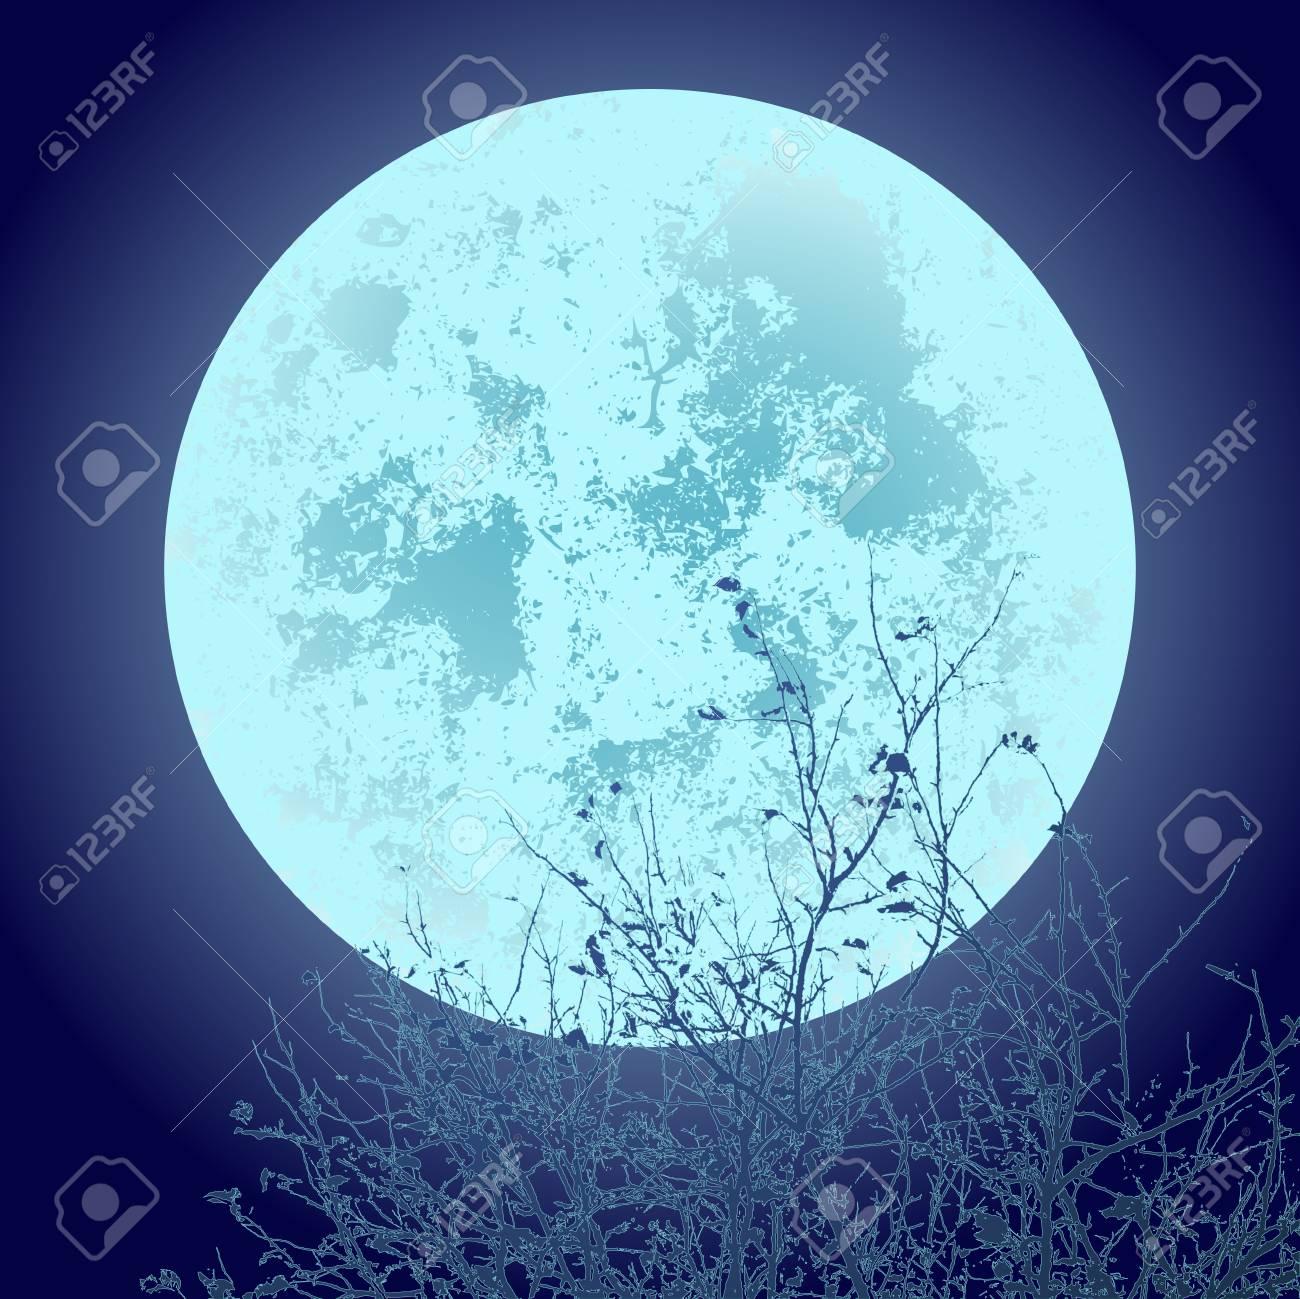 月面の空イラスト クリップ アートの背景のツリーのイラスト素材ベクタ